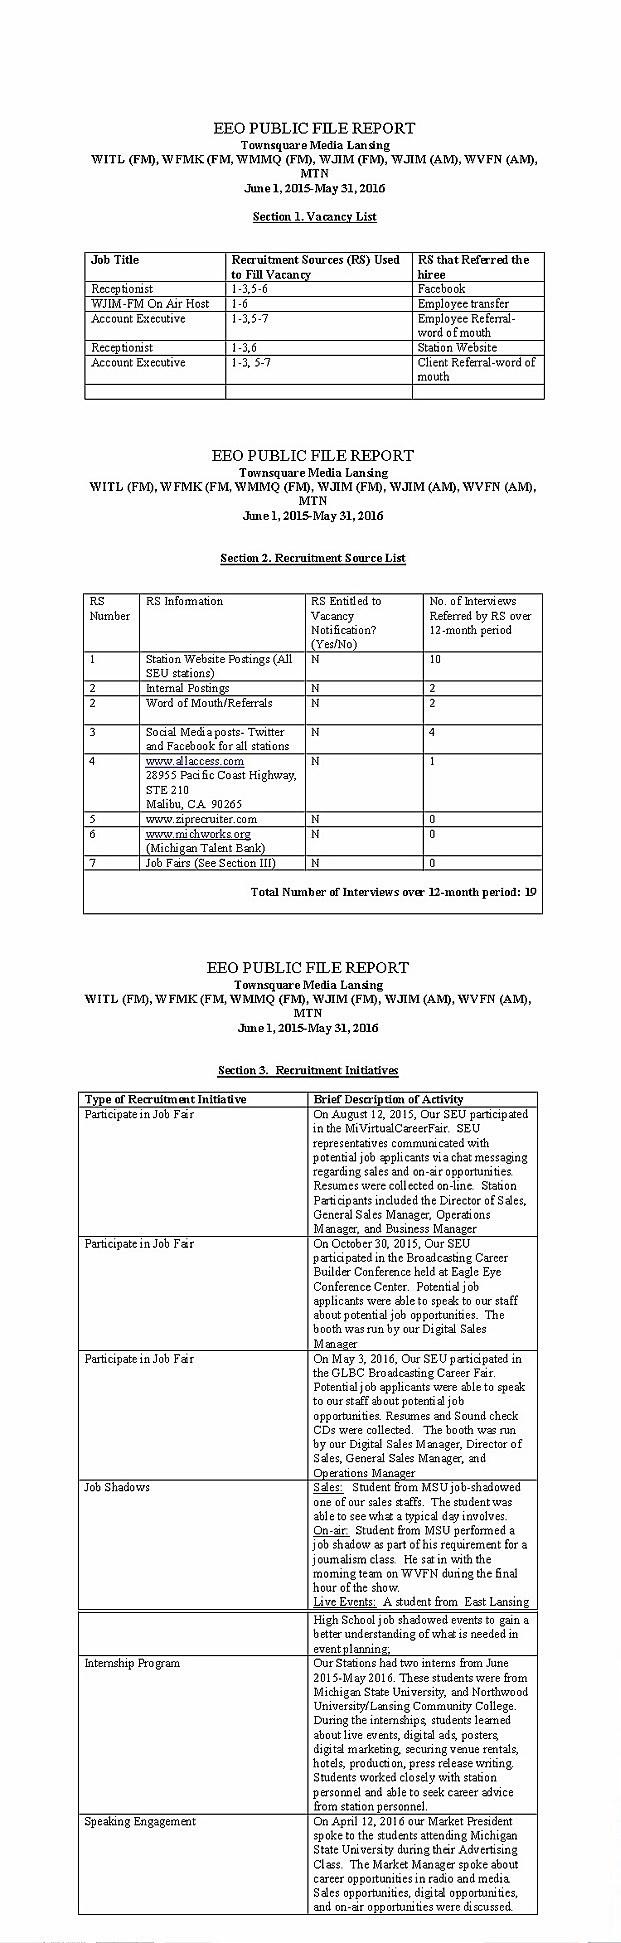 eeo report 2016